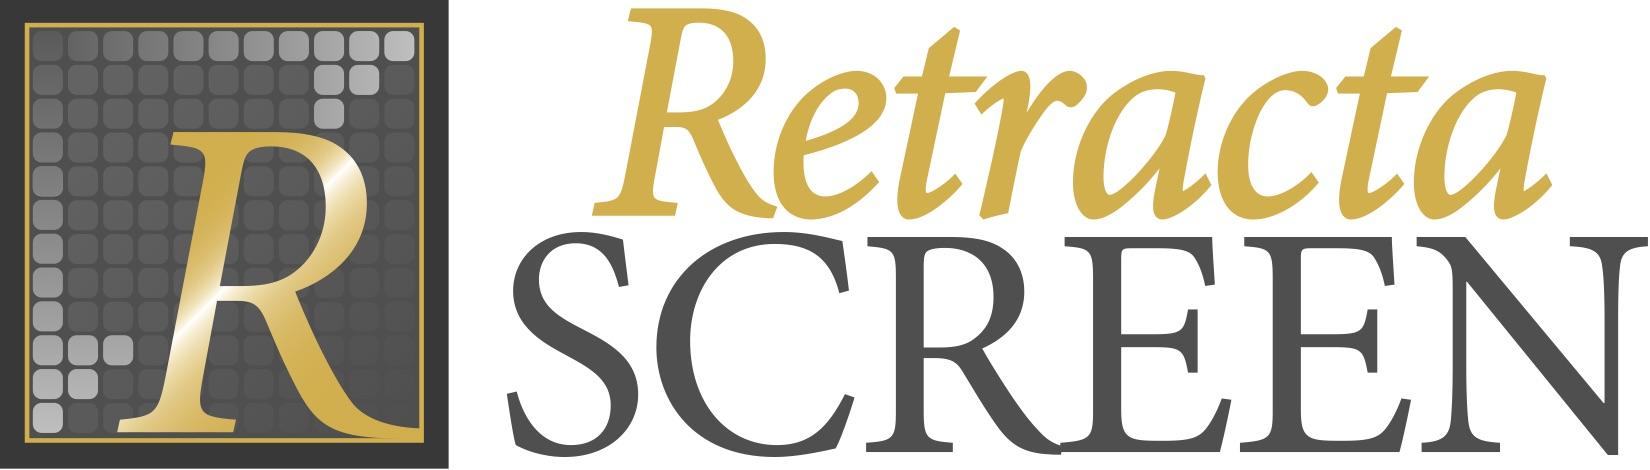 Retracta_Screen_Logo.jpg